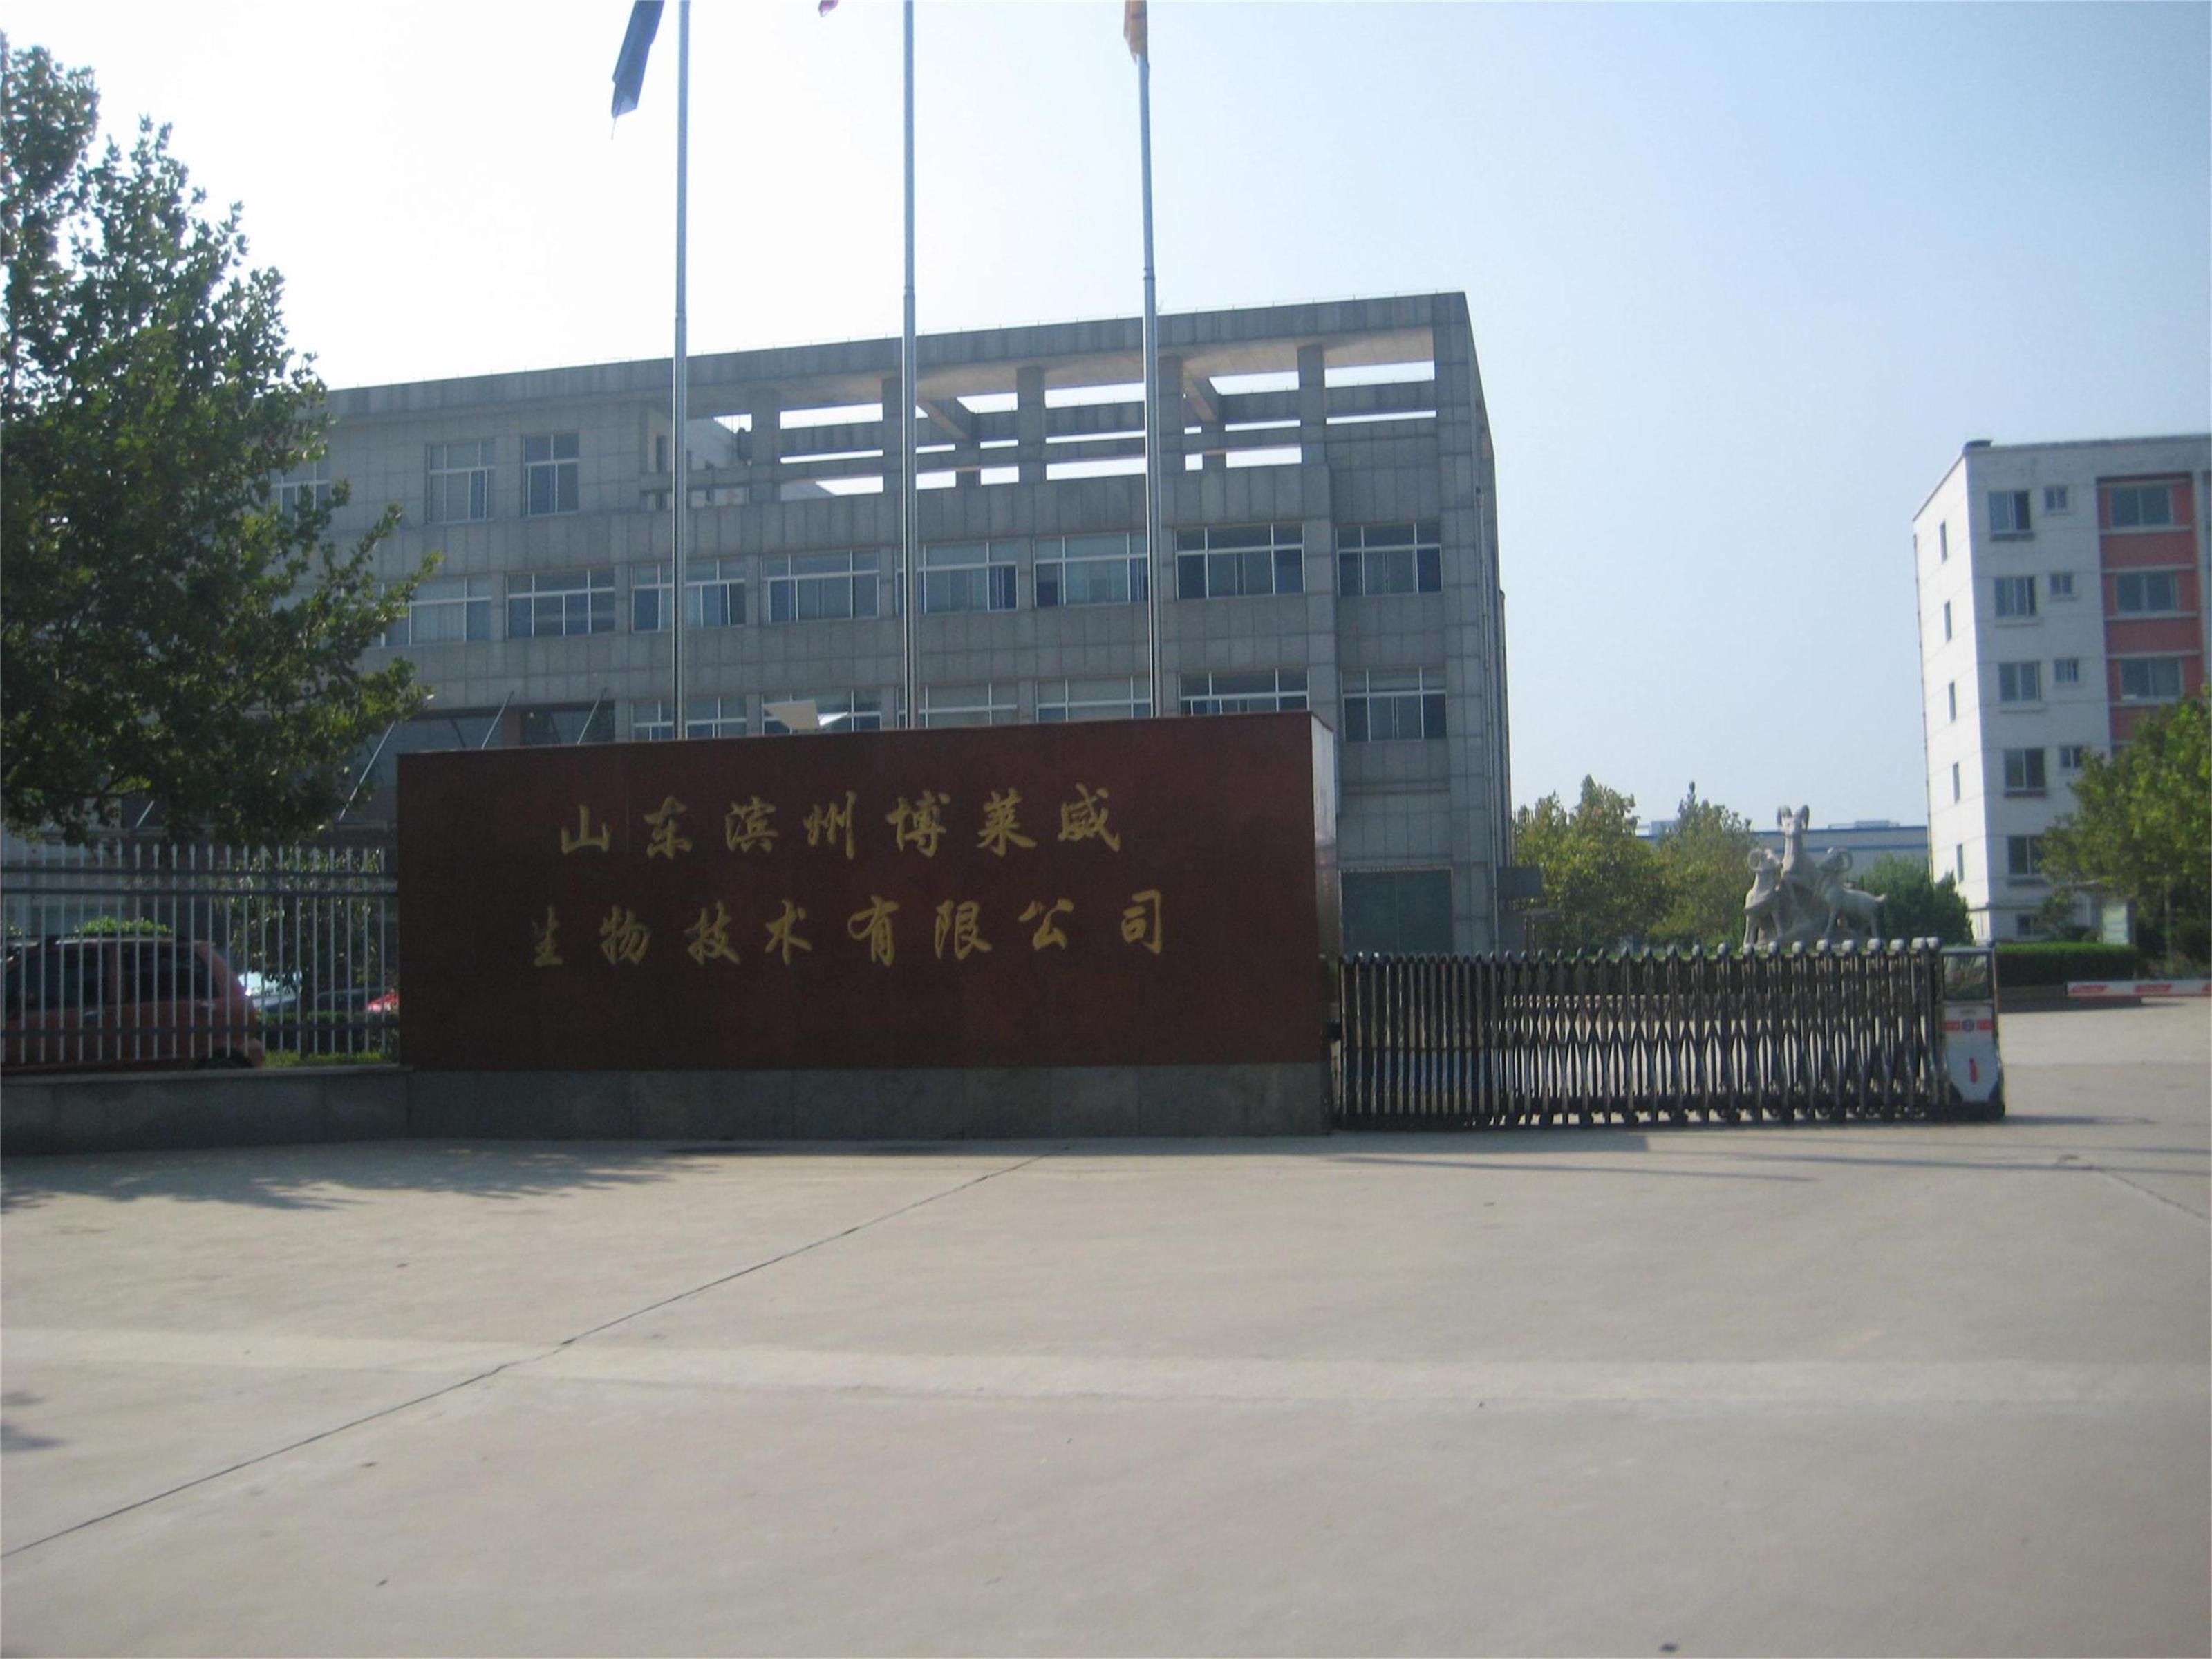 襄樊评估机构_资产服务项目合作-山东心宇土地房地产资产评估有限公司